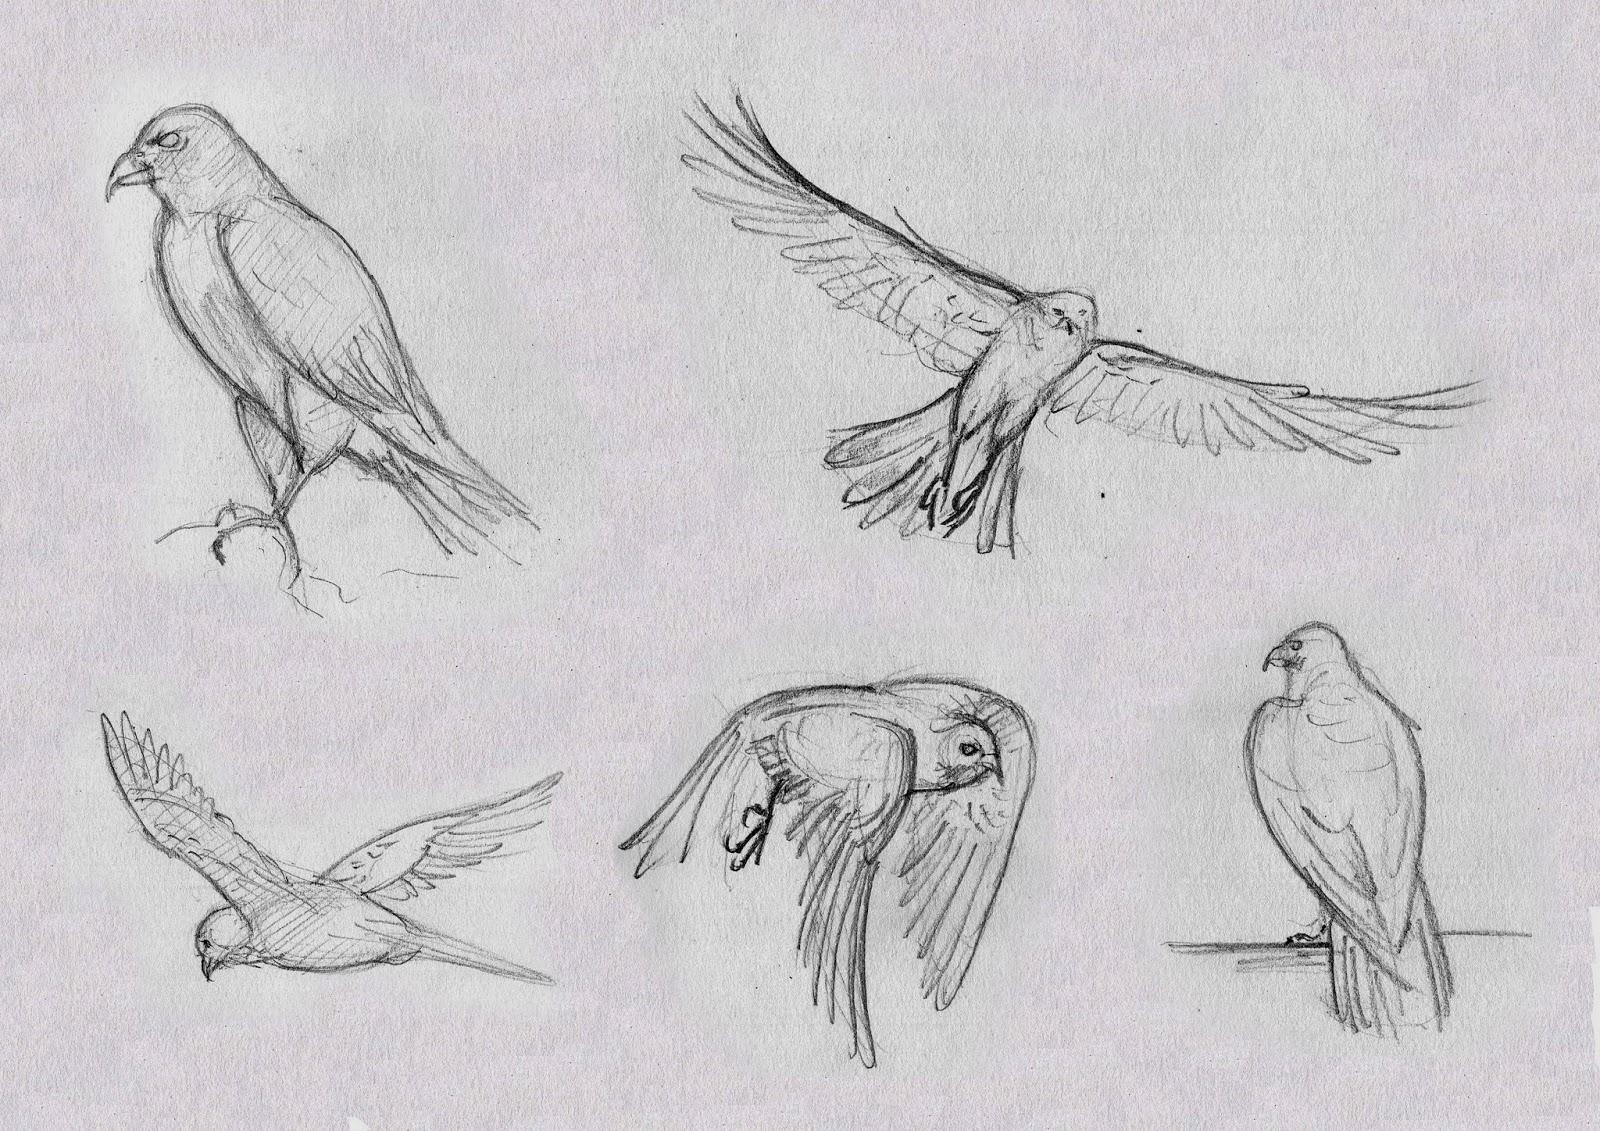 Pierre labarre dessins d 39 observation d 39 animaux - Dessin d animaux ...